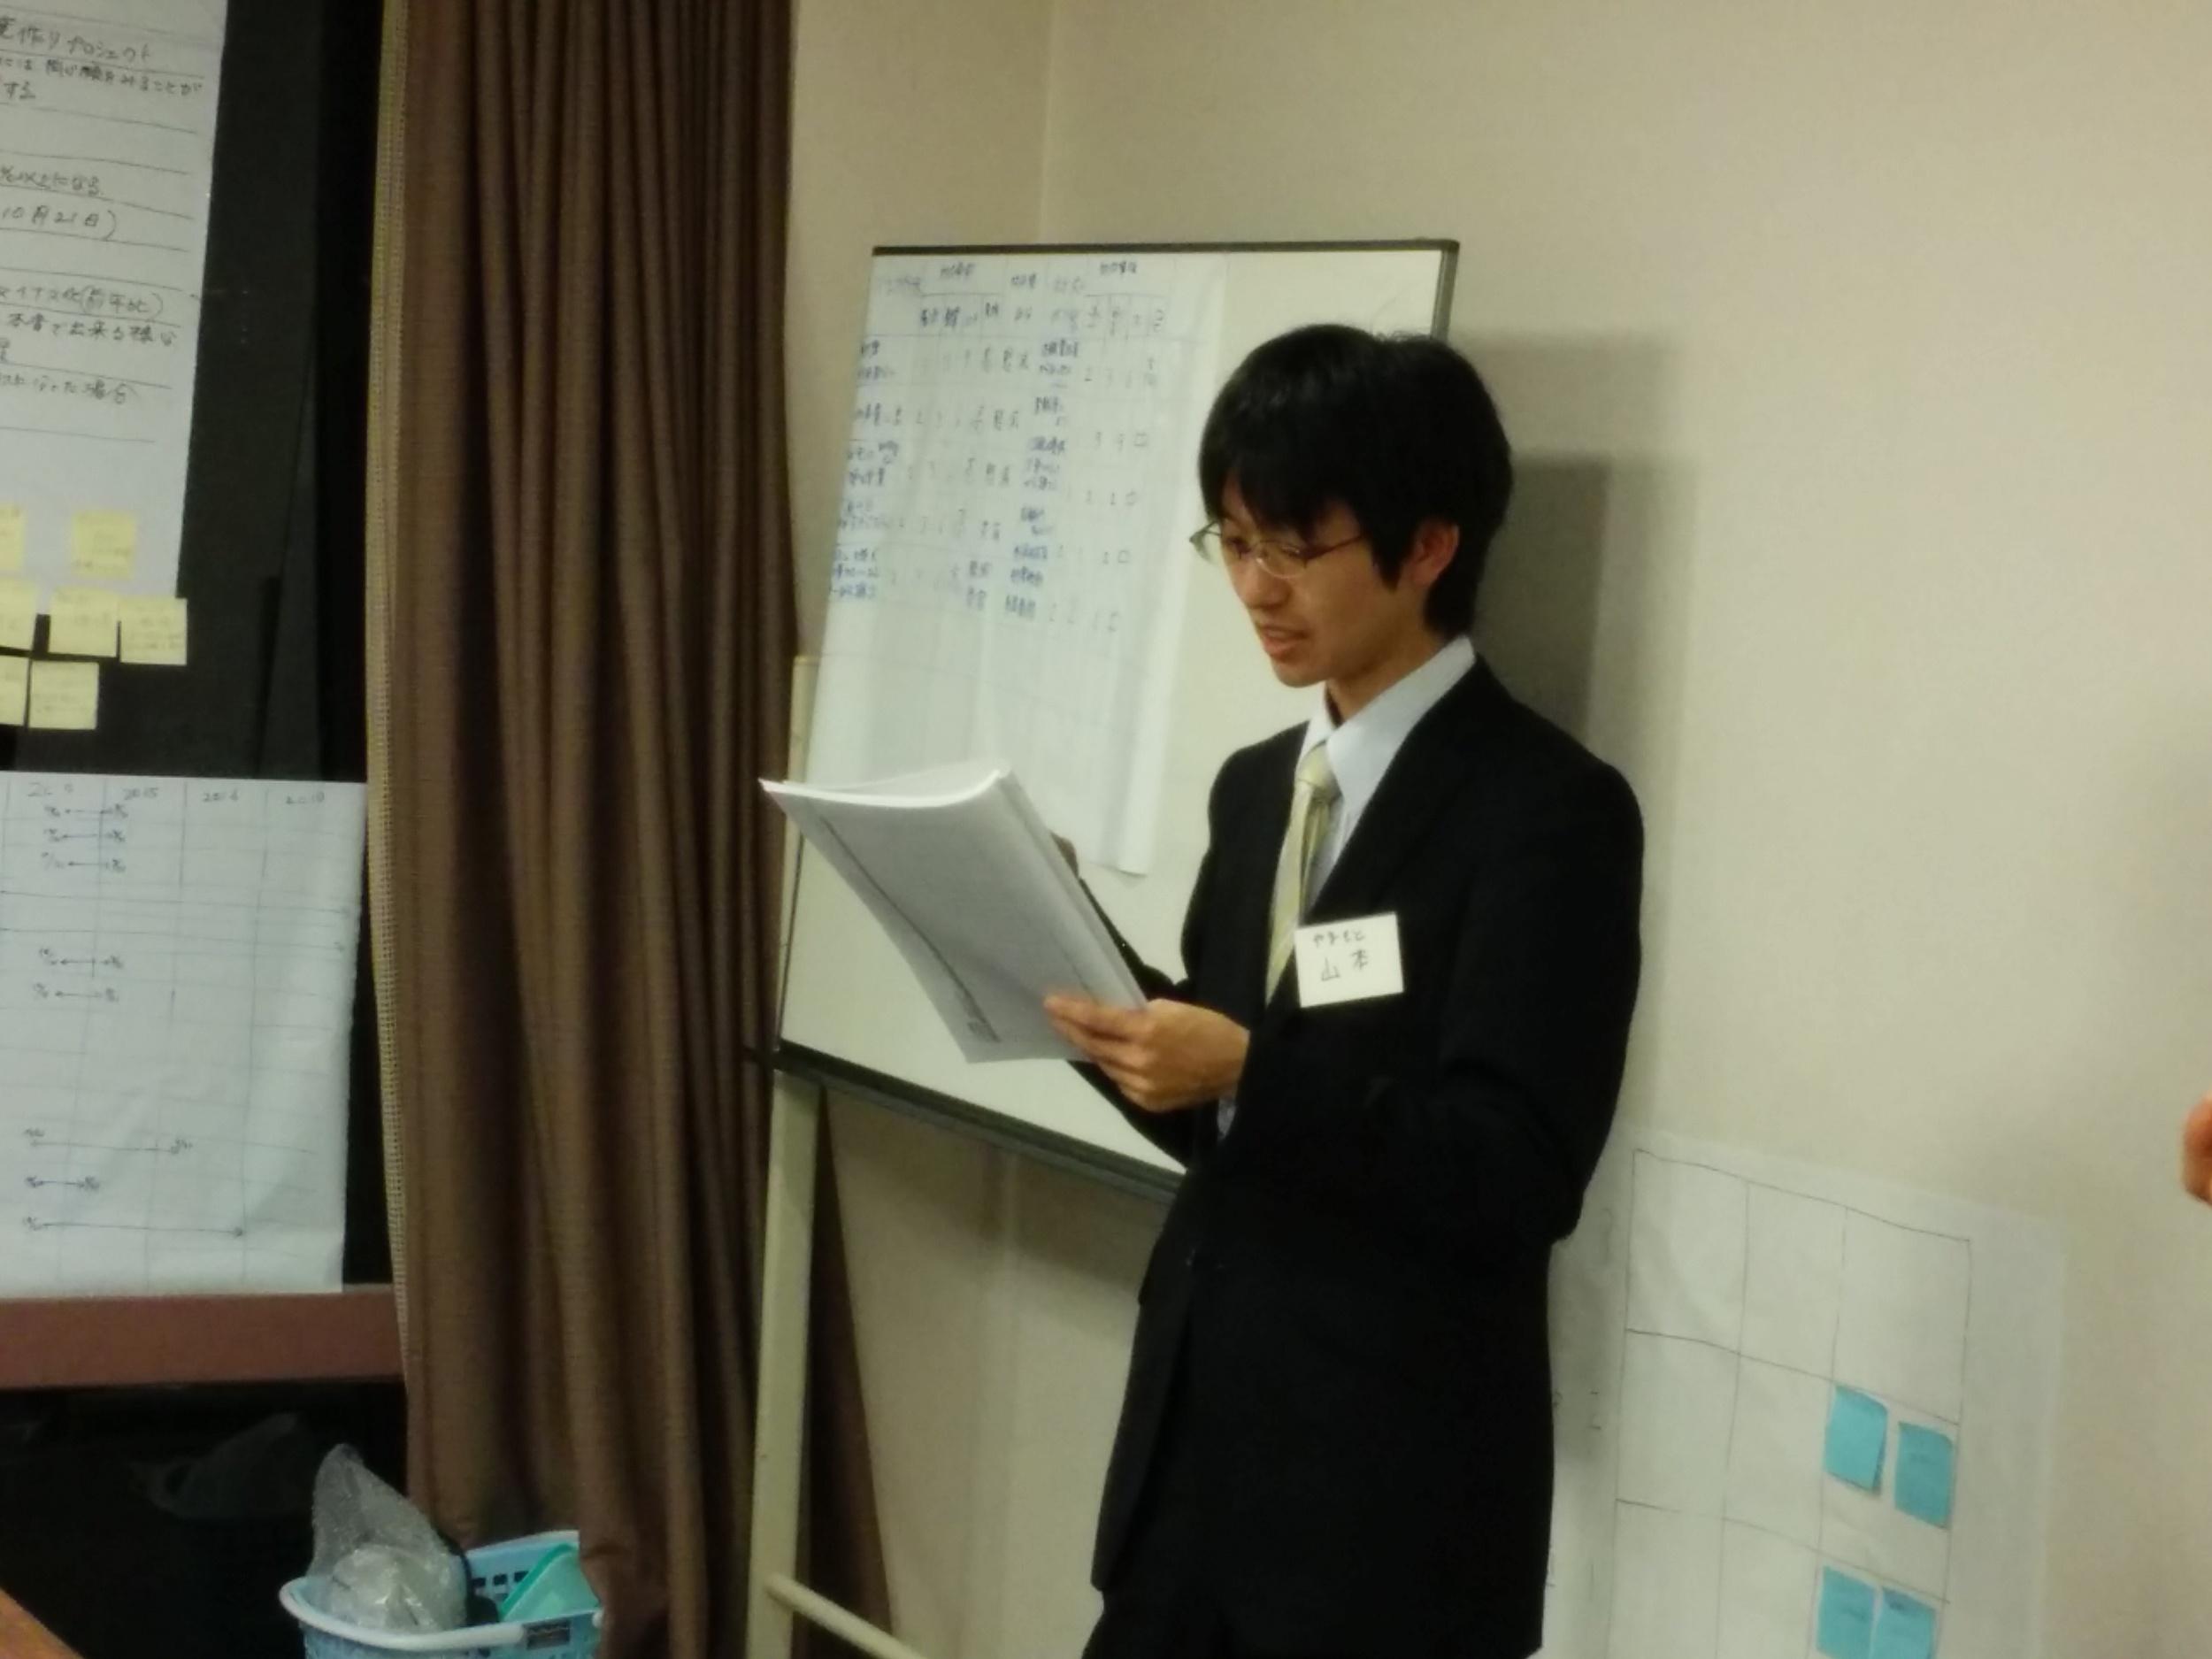 新入社員フォローアップ研修20141021(25).jpg